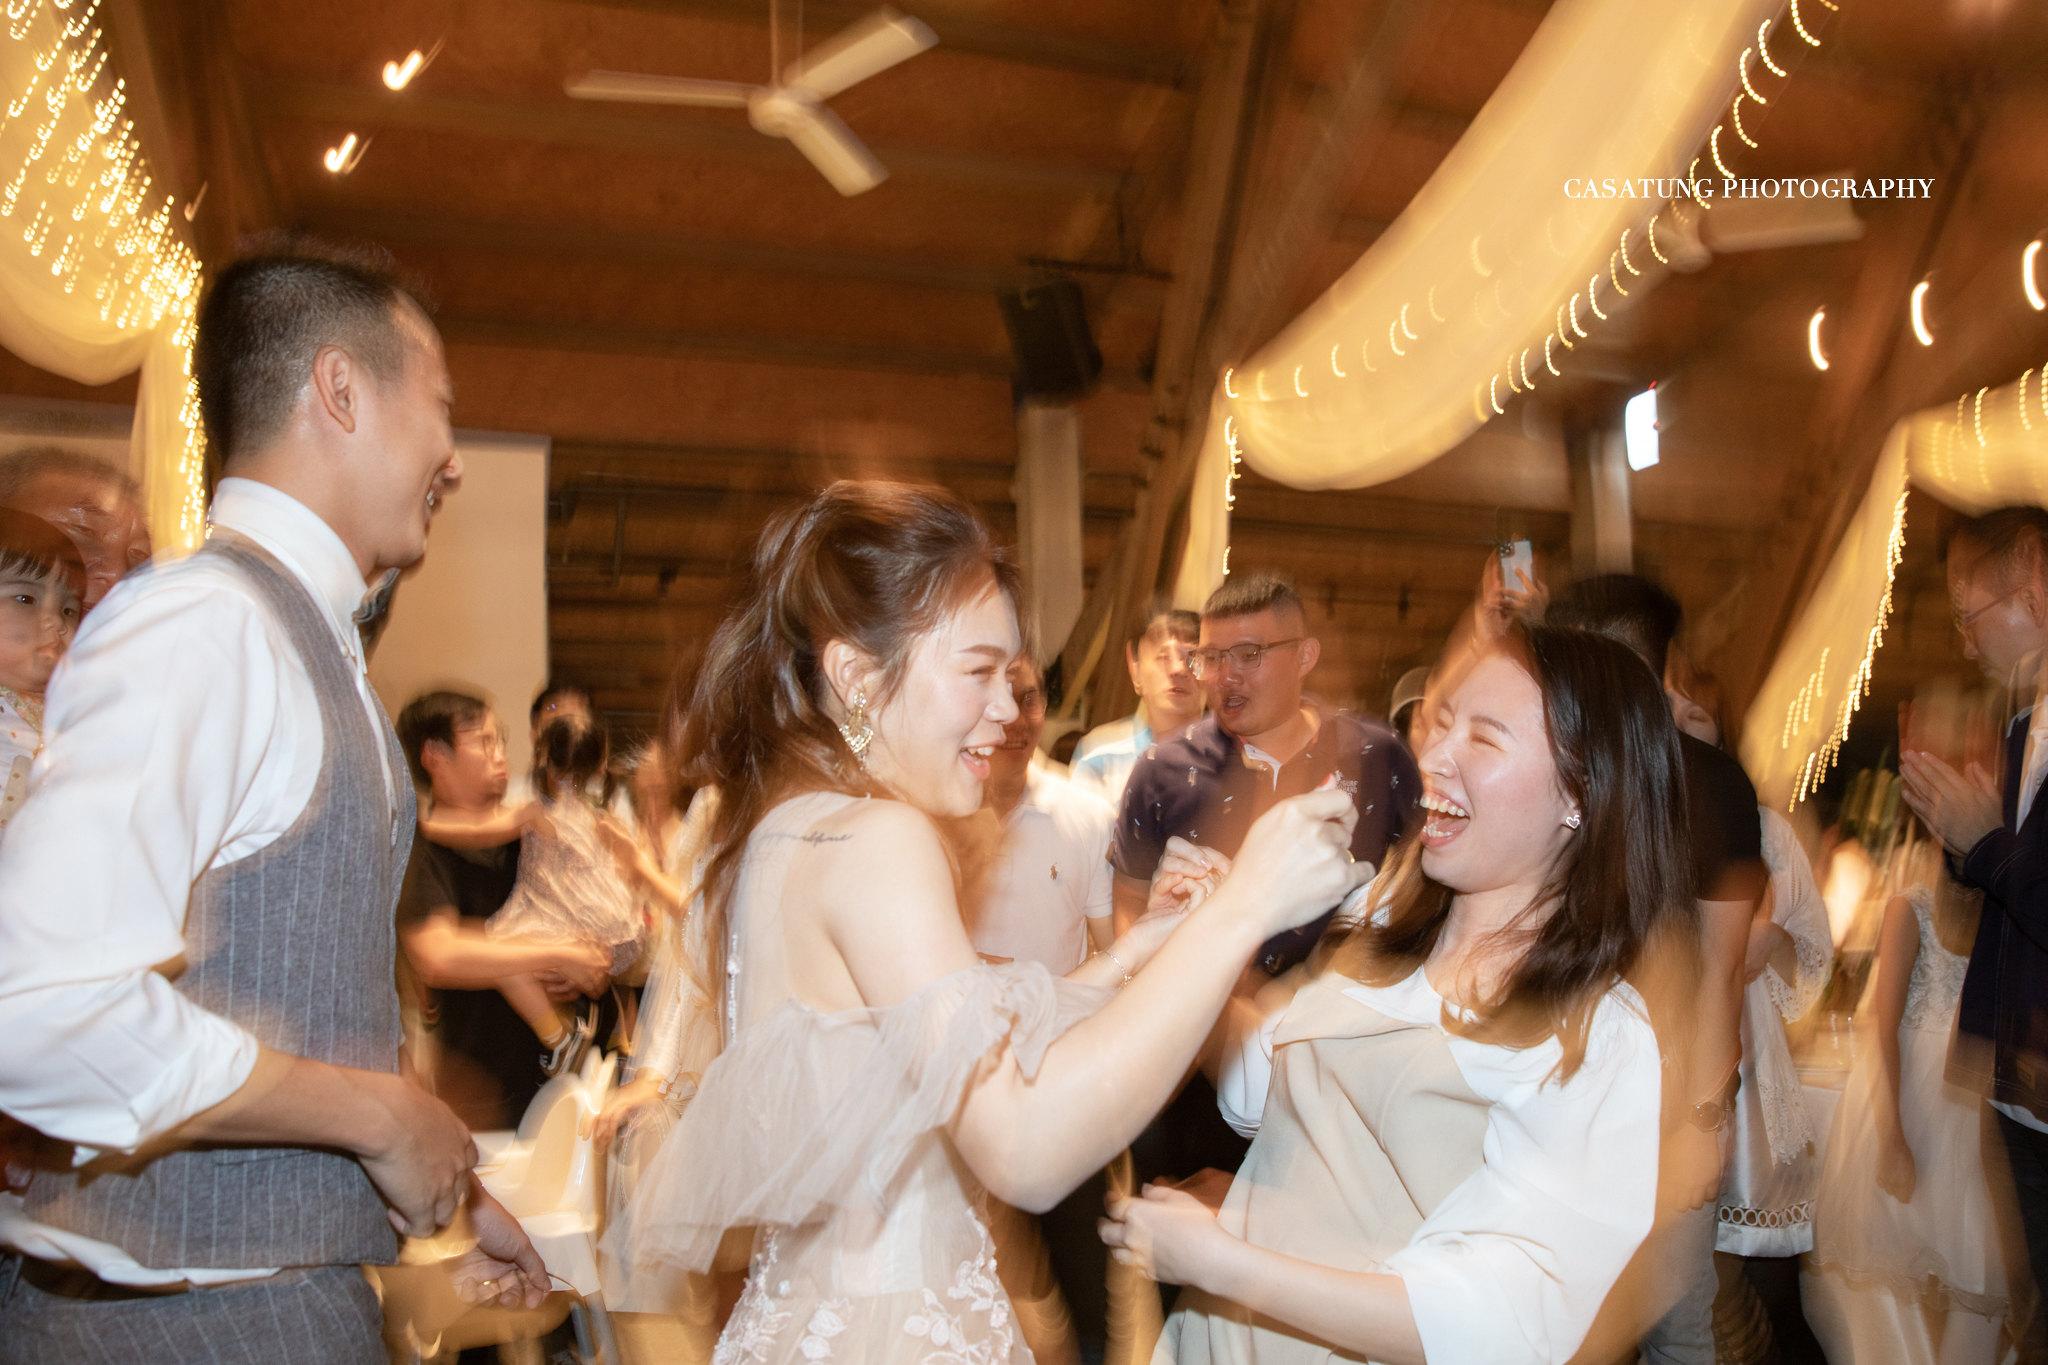 顏氏牧場婚禮,台中婚攝casa,旋轉木馬-134